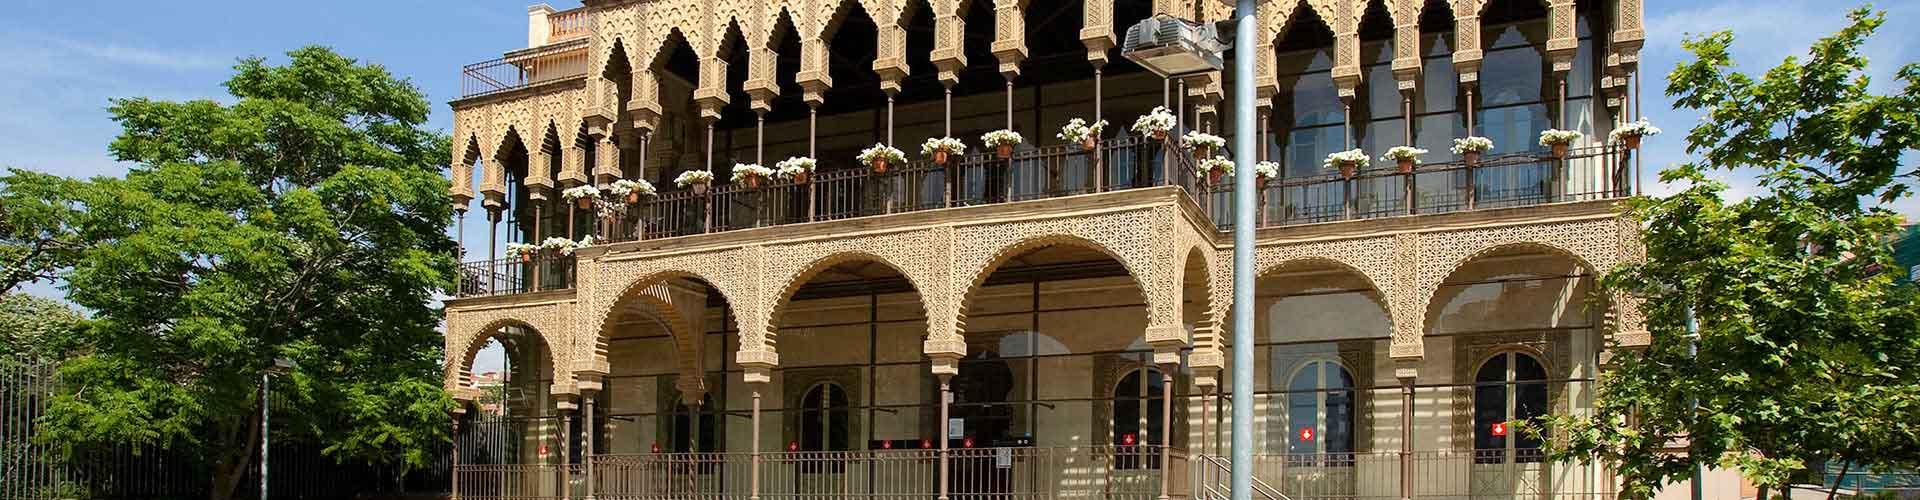 Barcelone - Auberges de jeunesse dans le quartier de Horta-Guinardò. Cartes pour Barcelone, photos et commentaires pour chaque auberge de jeunesse à Barcelone.